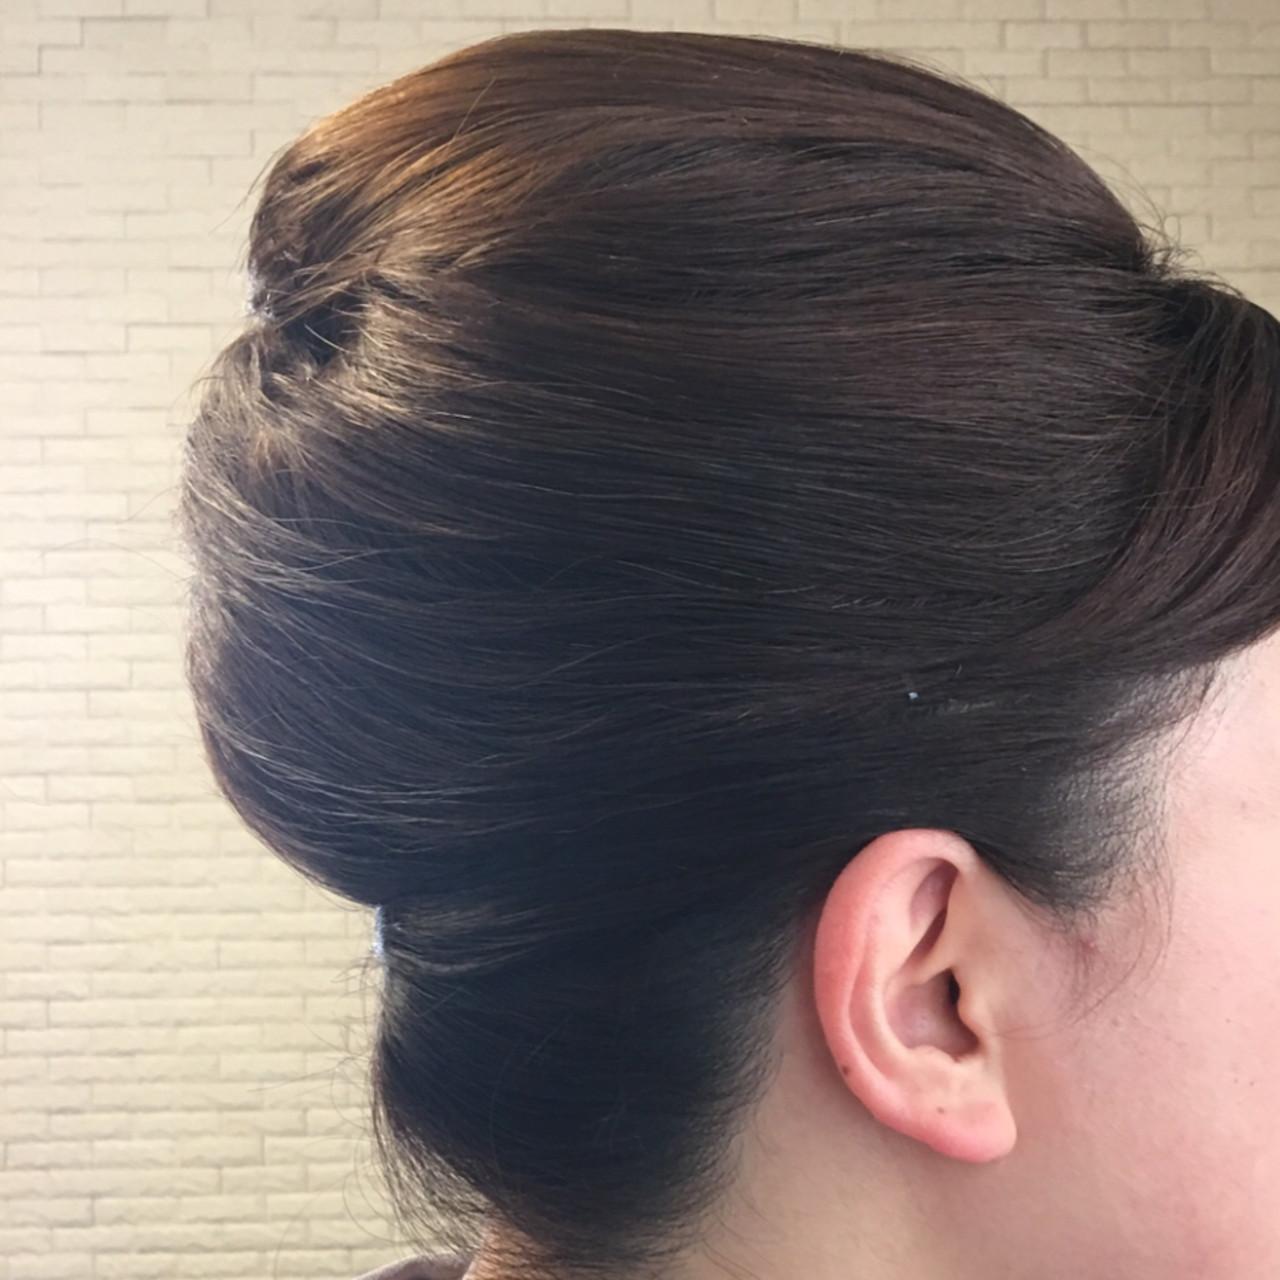 ミディアム エレガント 和装髪型 卒業式 ヘアスタイルや髪型の写真・画像 | okunaka / wabisabi~和美咲魅~